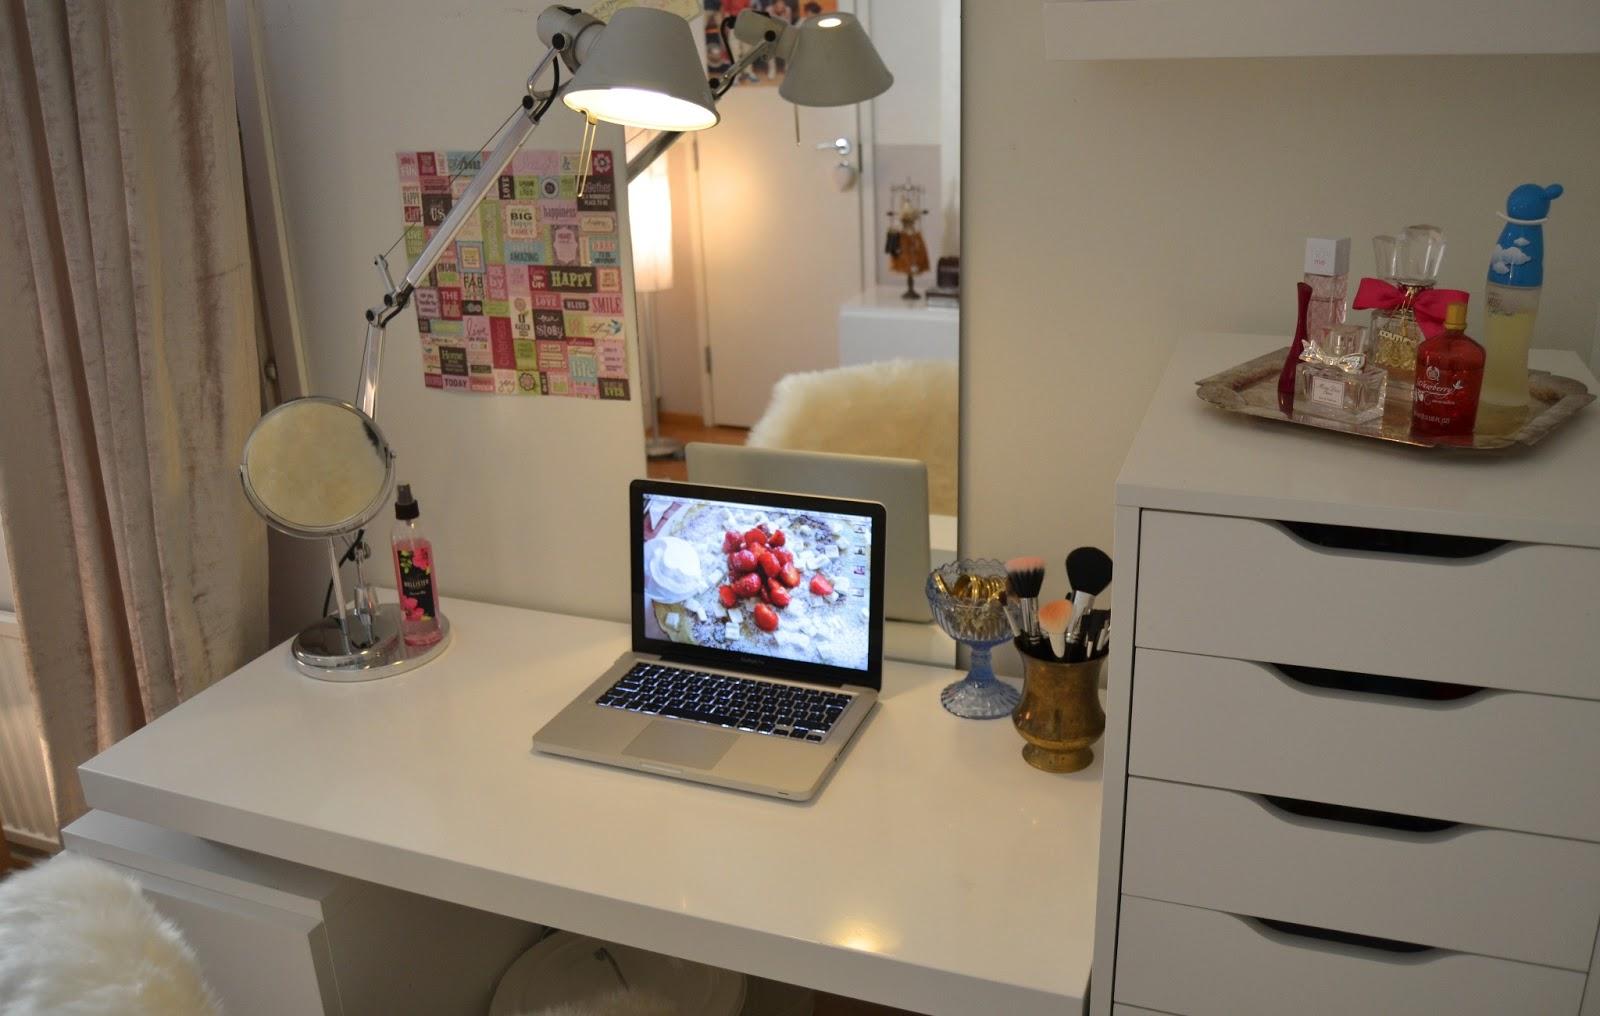 Söpö pieni desk